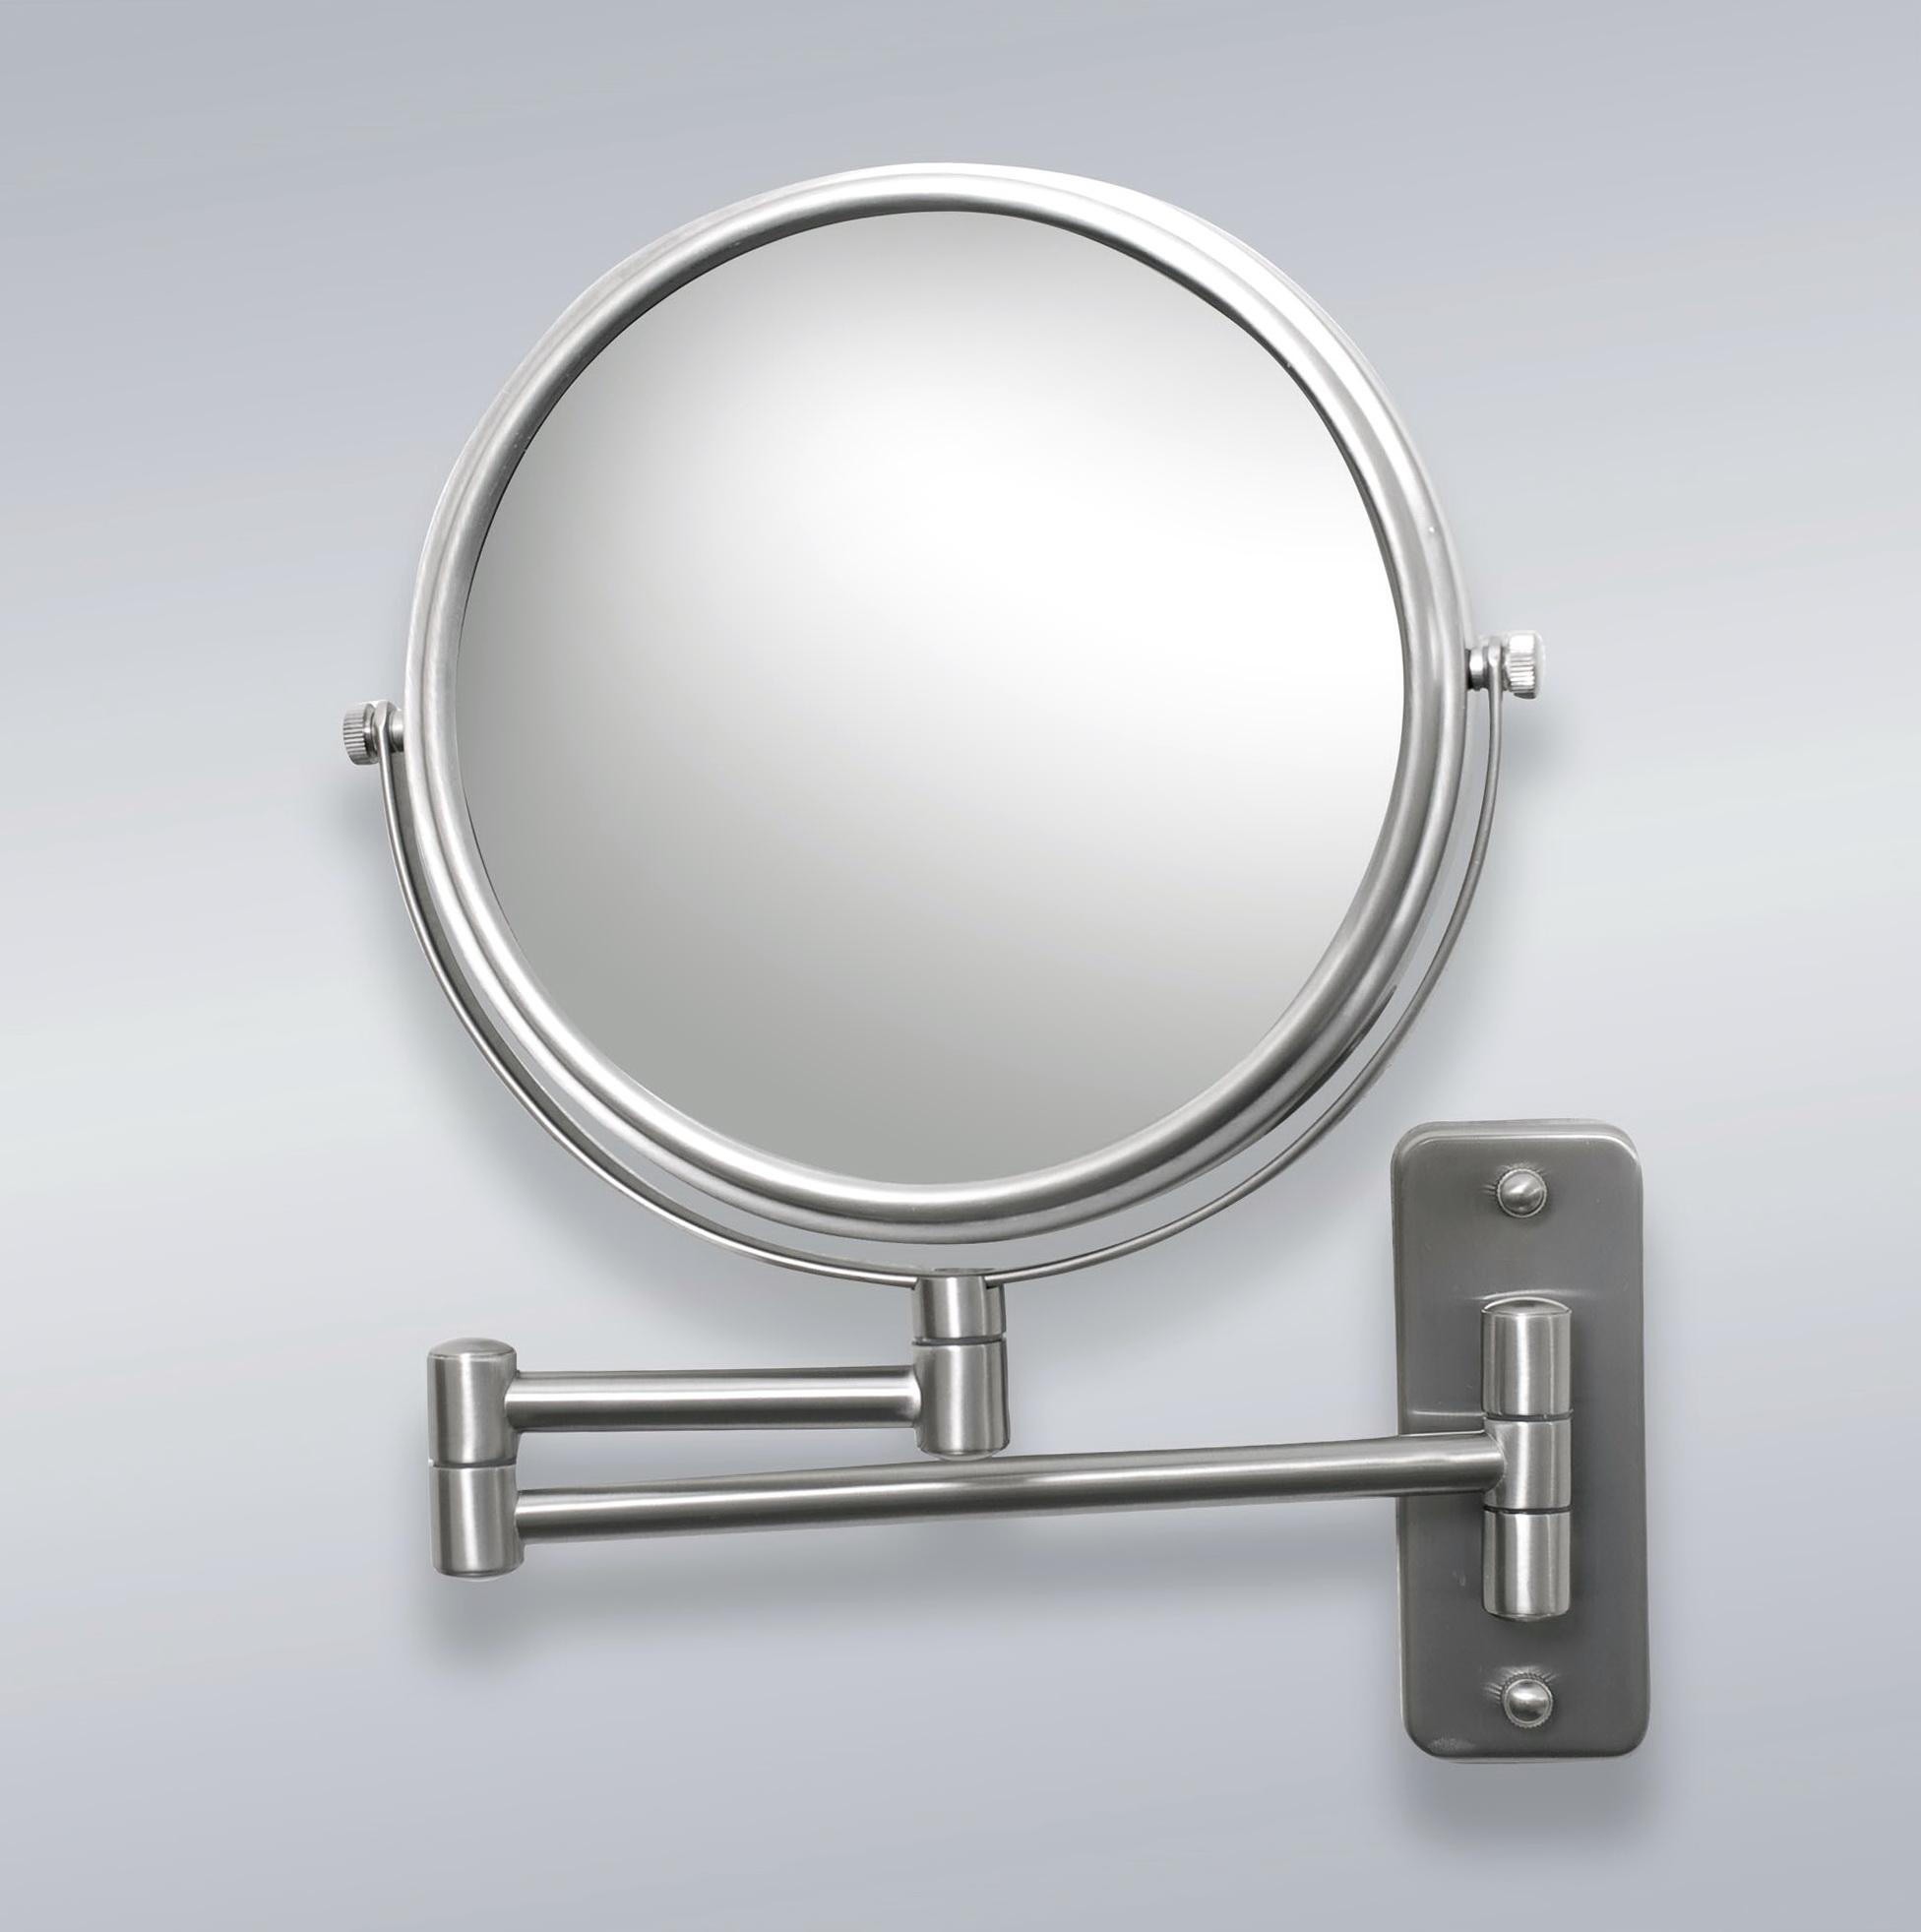 Mirror Mounting Hardware Brushed Nickel